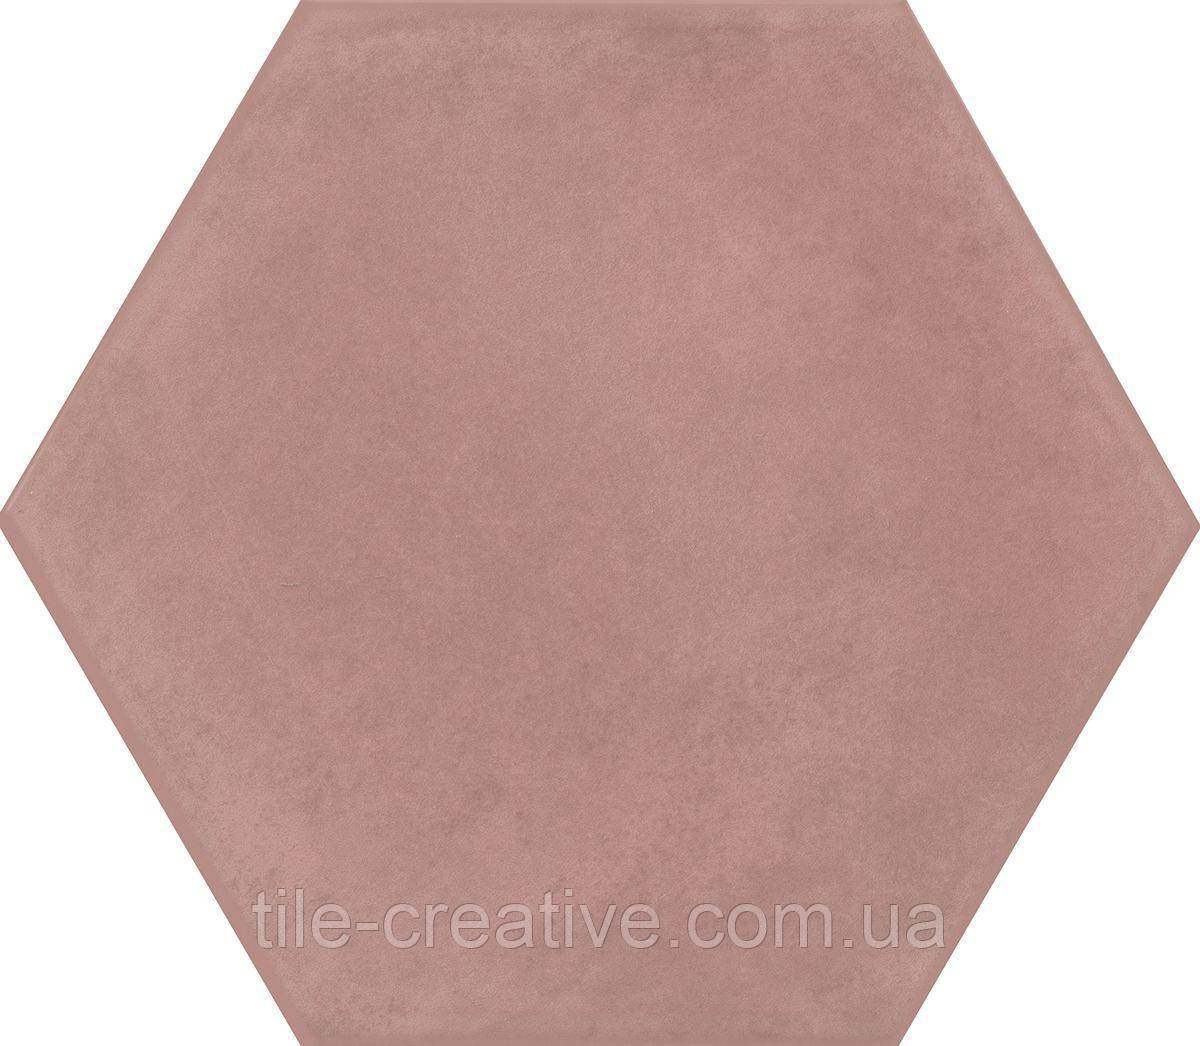 Керамическая плитка Эль Салер розовый20x23,1x6,9 24018